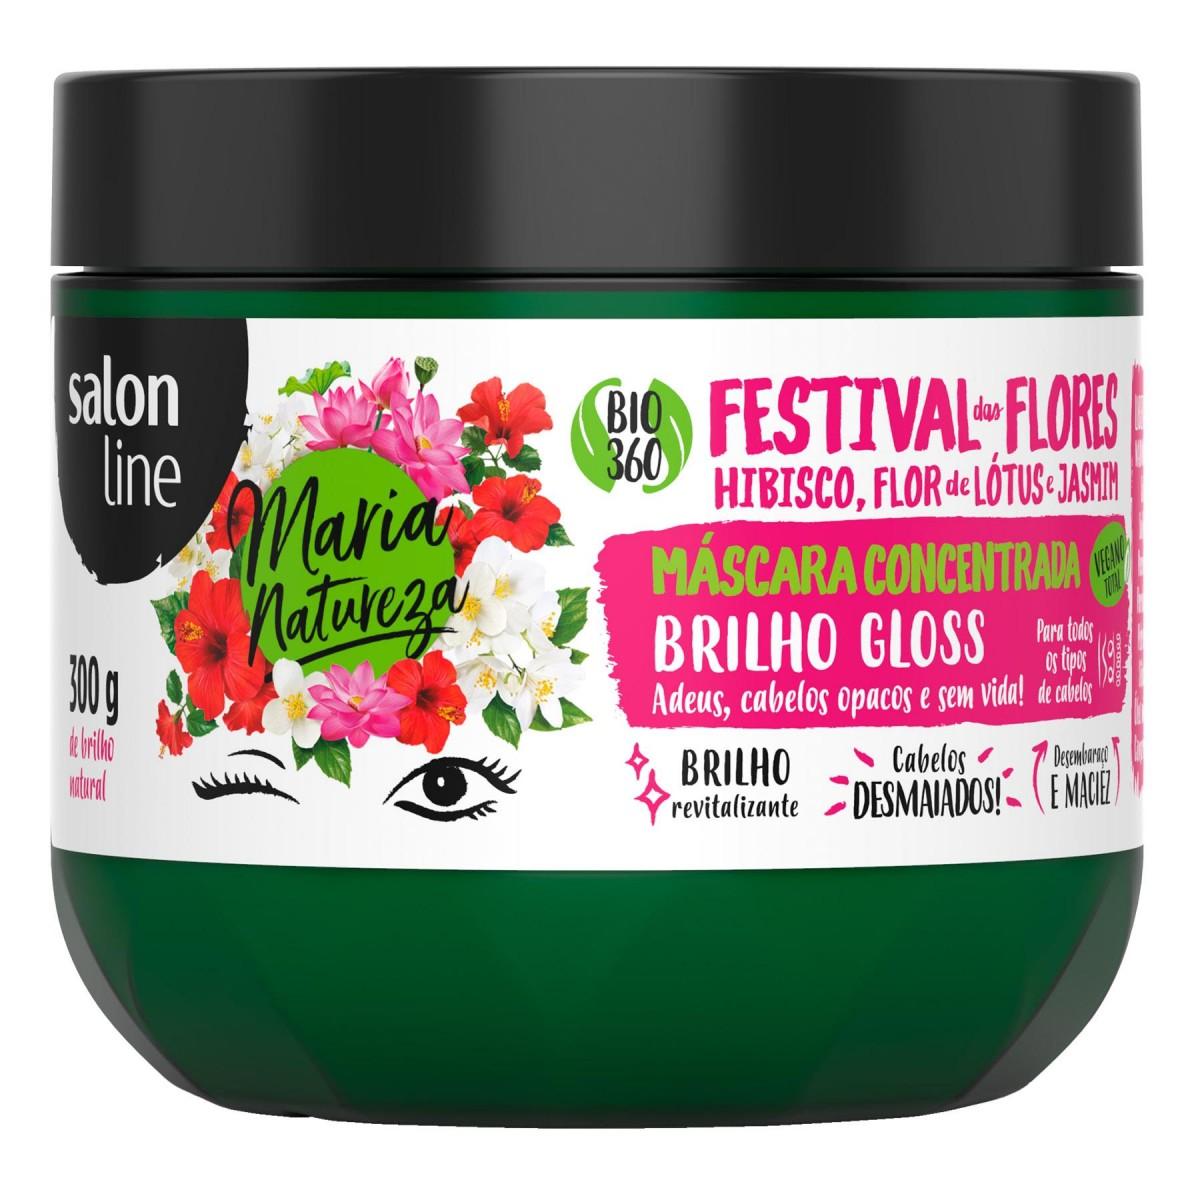 Foto 1 - Máscara Concentrada Salon Line - Maria Natureza Festival de Flores Brilho Gloss 300g